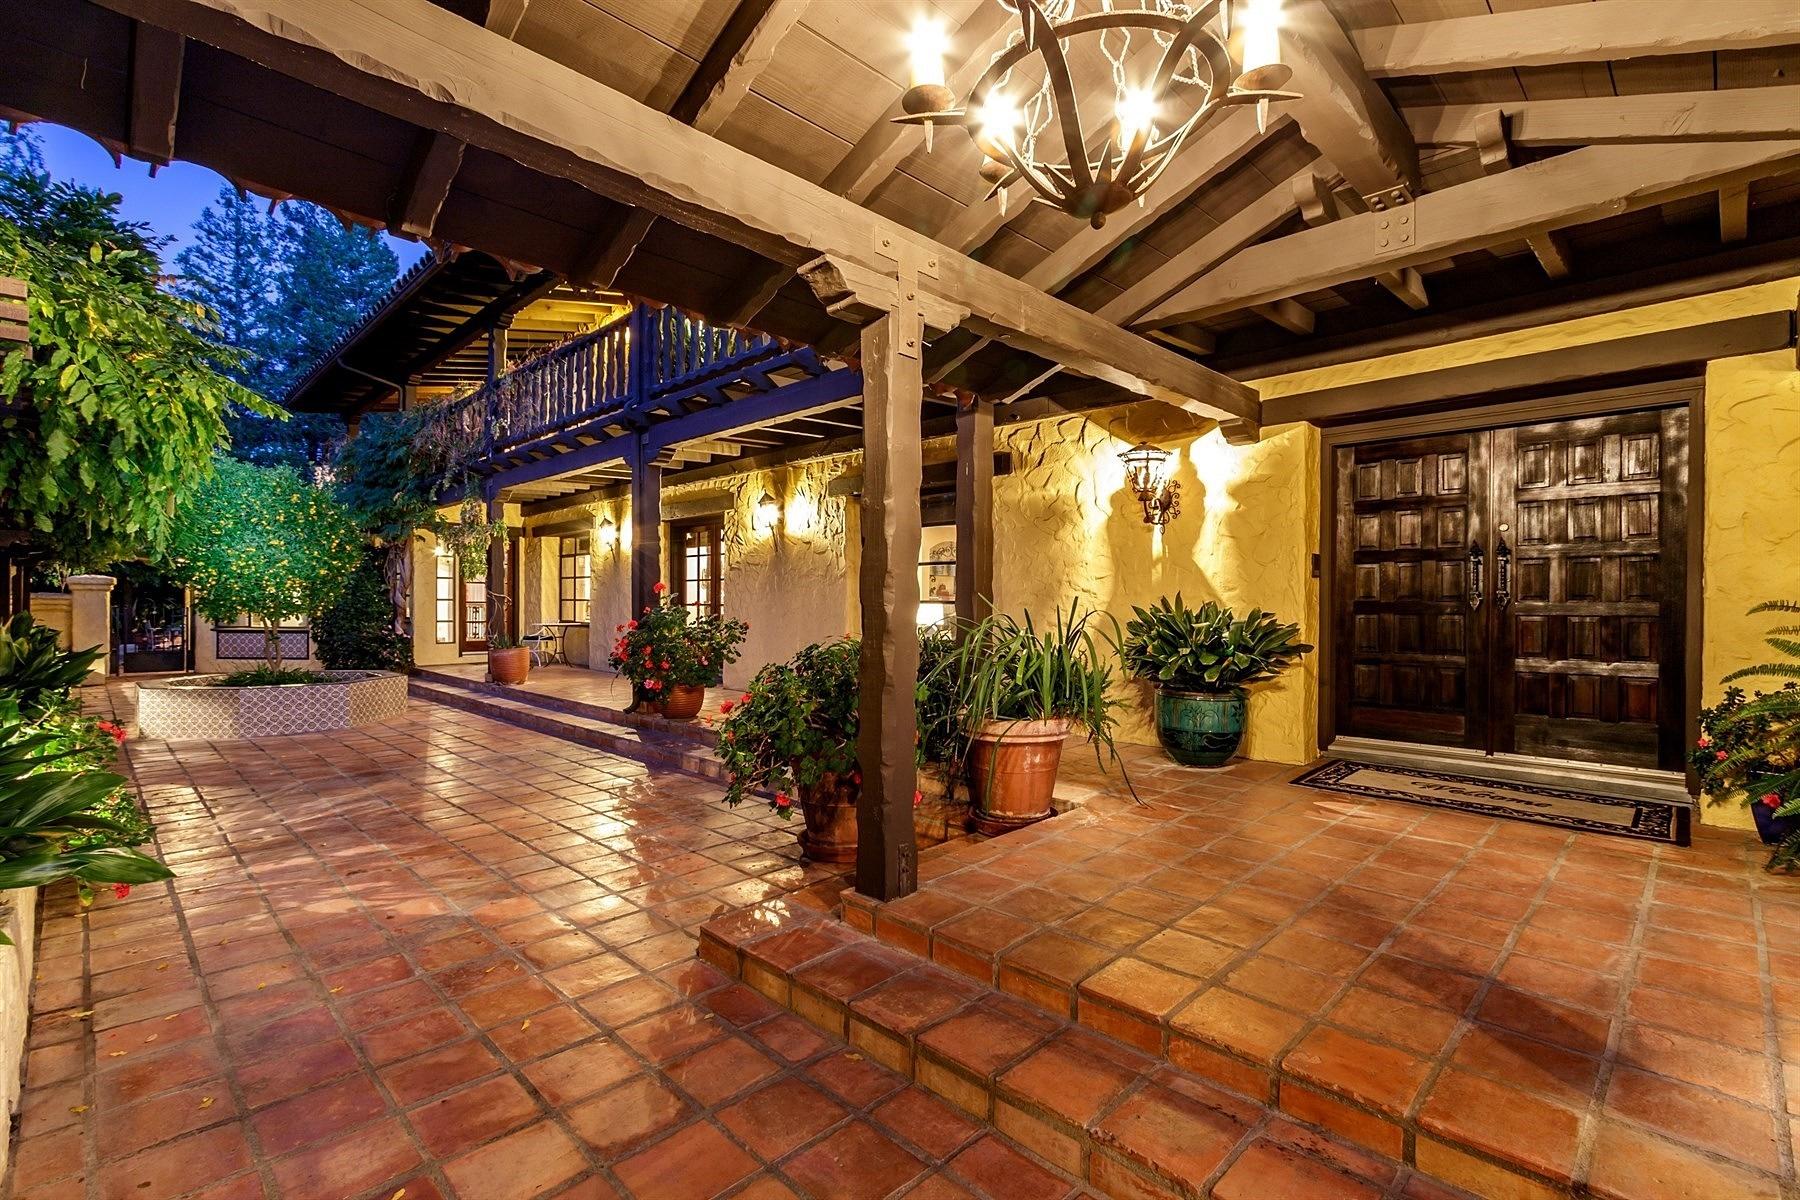 独户住宅 为 销售 在 Mediterranean Oasis Estate 1180 Sebastian Lane 核桃溪市, 加利福尼亚州 94598 美国